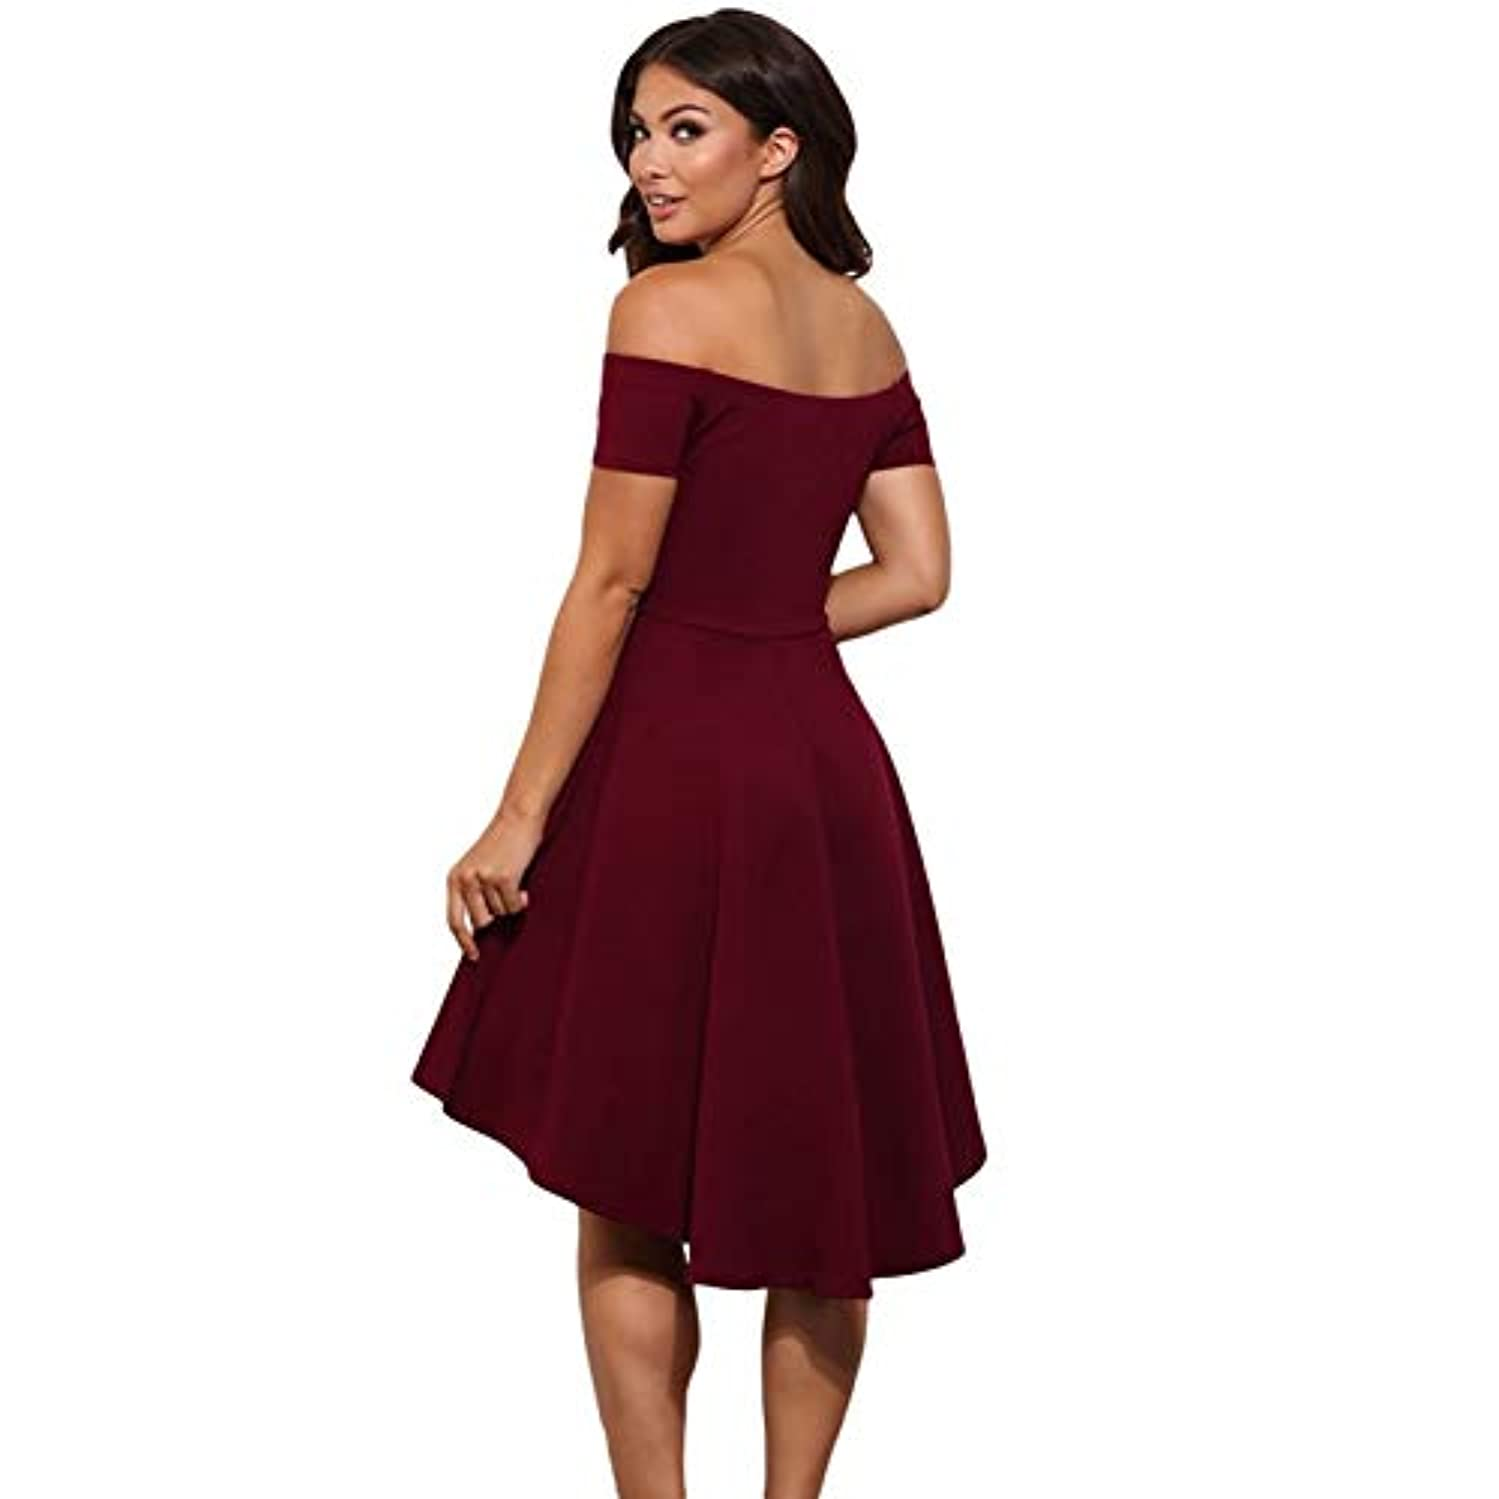 改善読書をするつらいMaxcrestas - ヴィンテージ女性のセクシーなスラッシュネックソリッドカラーパーティー秋の新しいファッションAライン黒赤ワイン膝丈のドレスドレス